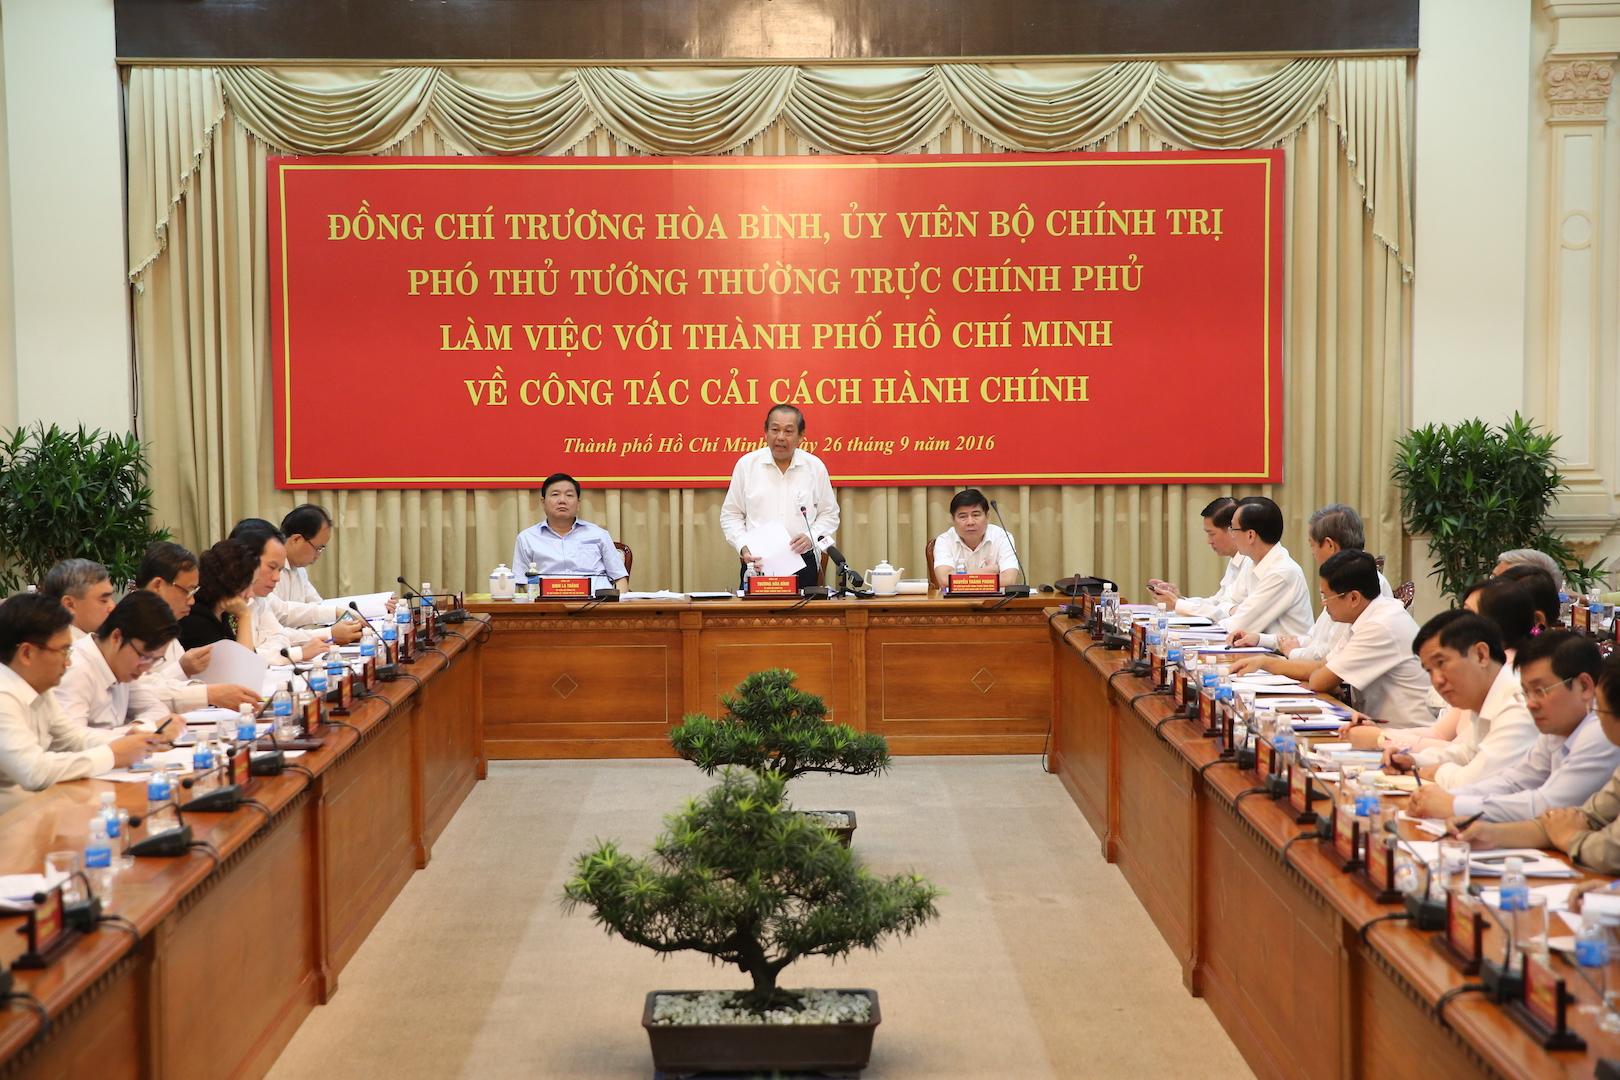 Phó Thủ tướng Trương Hòa Bình làm việc với Thành phố Hồ Chí Minh về cải cách hành chính